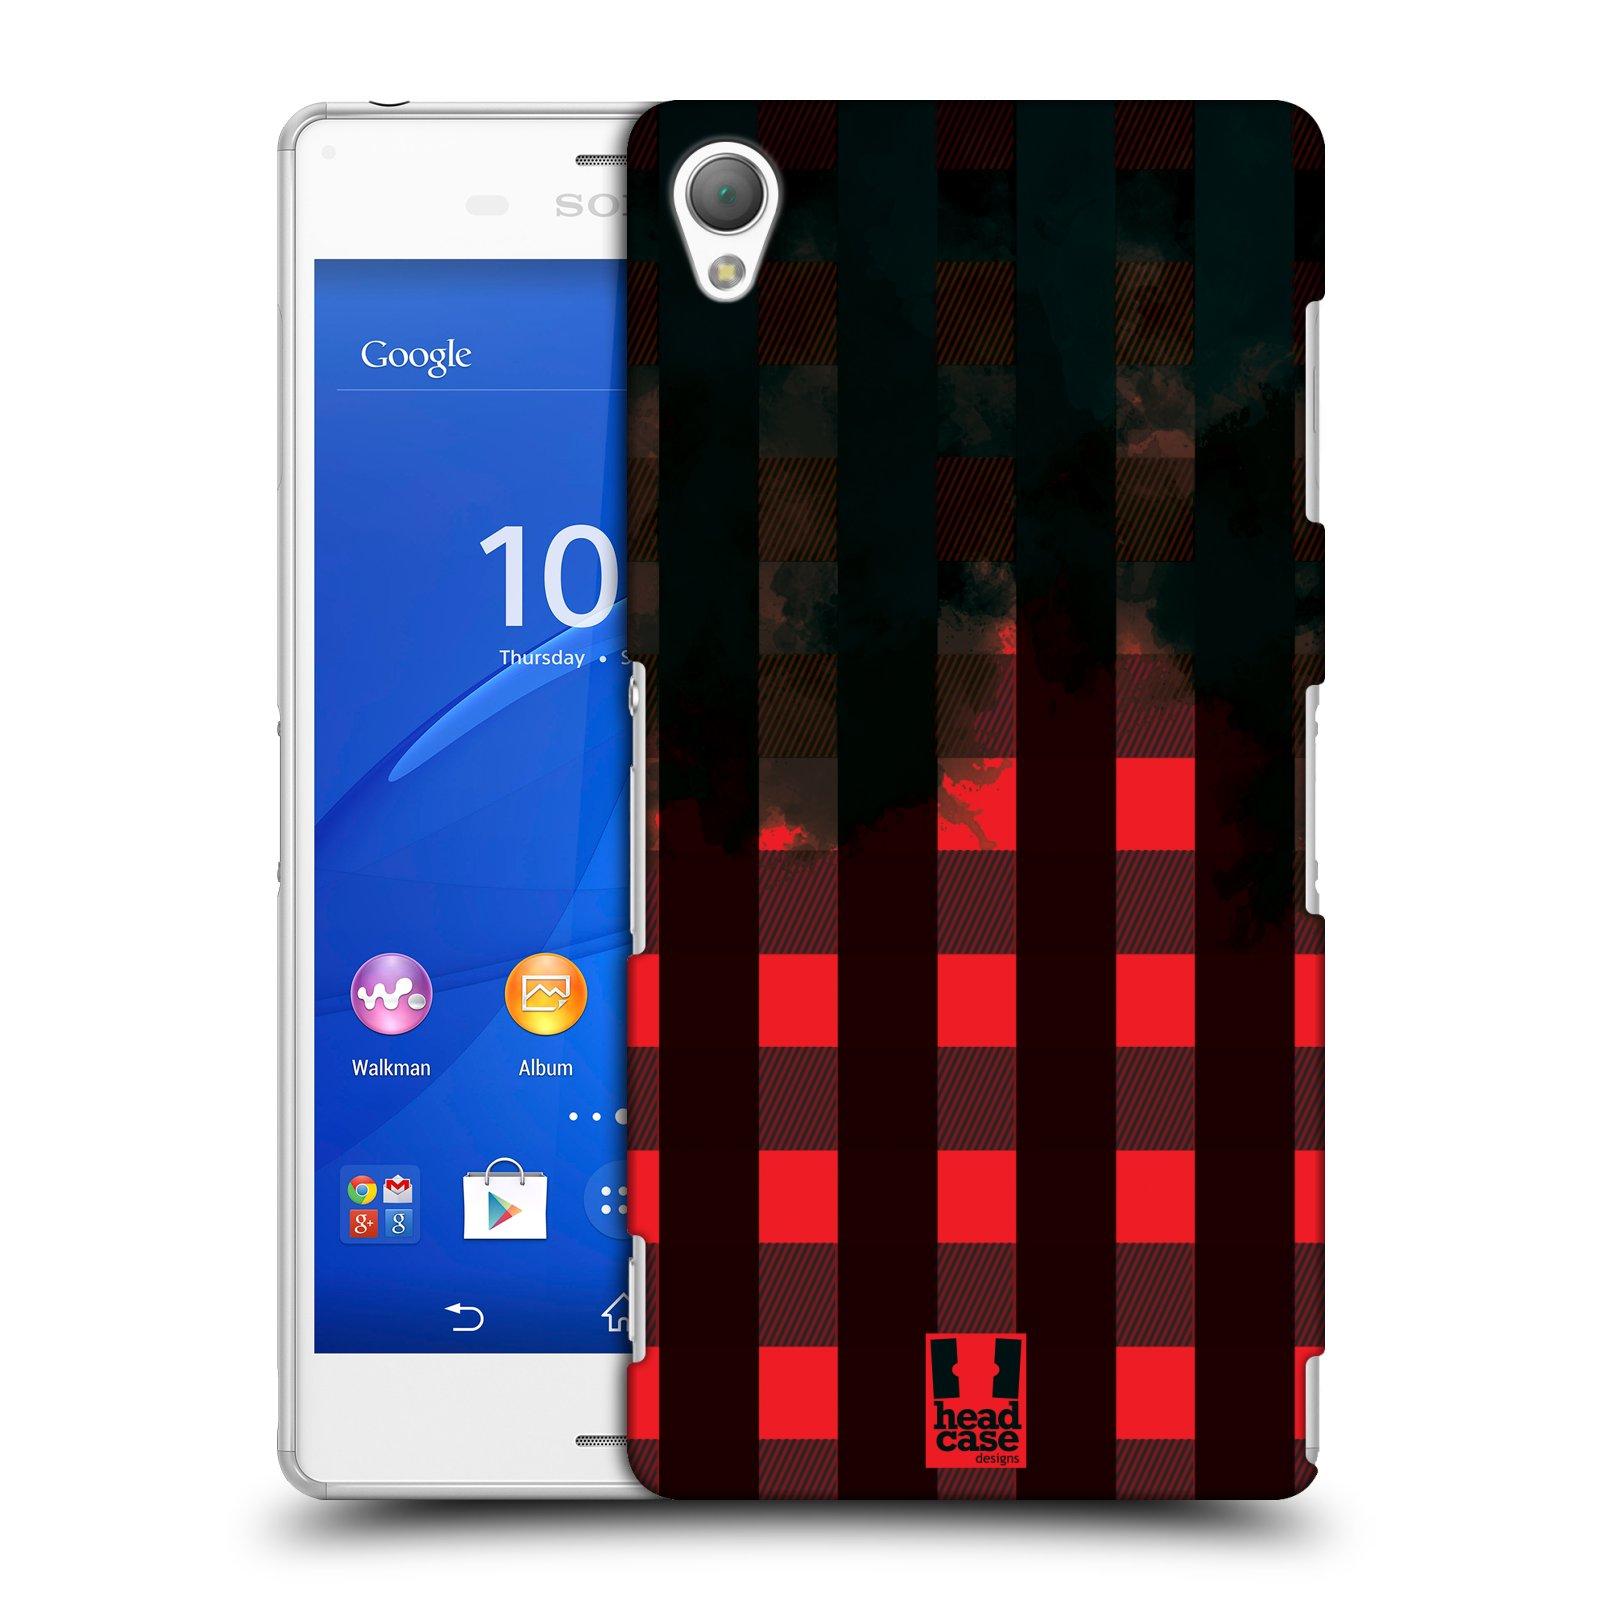 Plastové pouzdro na mobil Sony Xperia Z3 D6603 HEAD CASE FLANEL RED BLACK